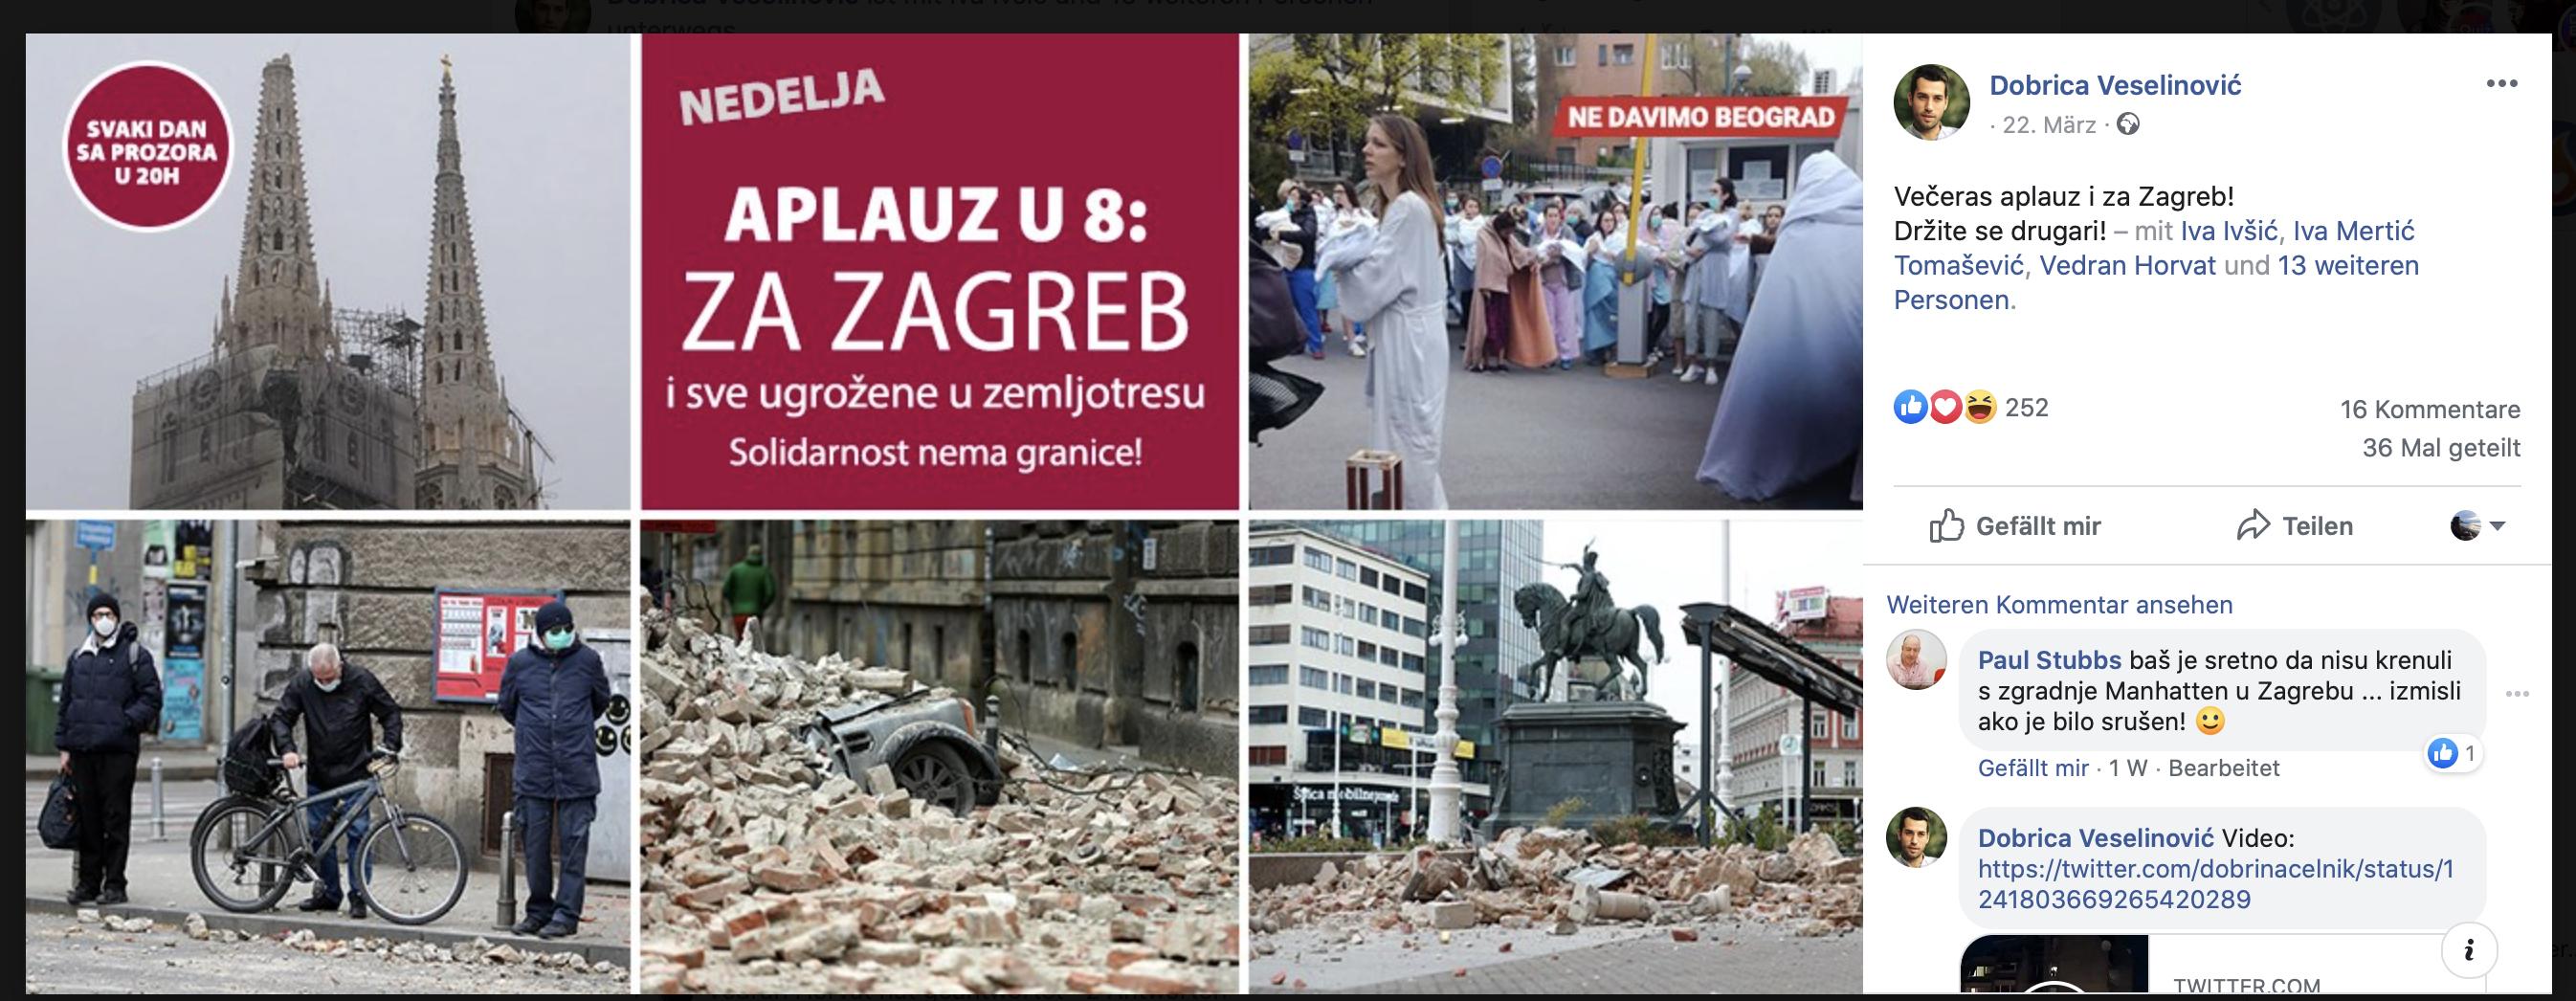 Aufruf zum Klatschen in Belgrad